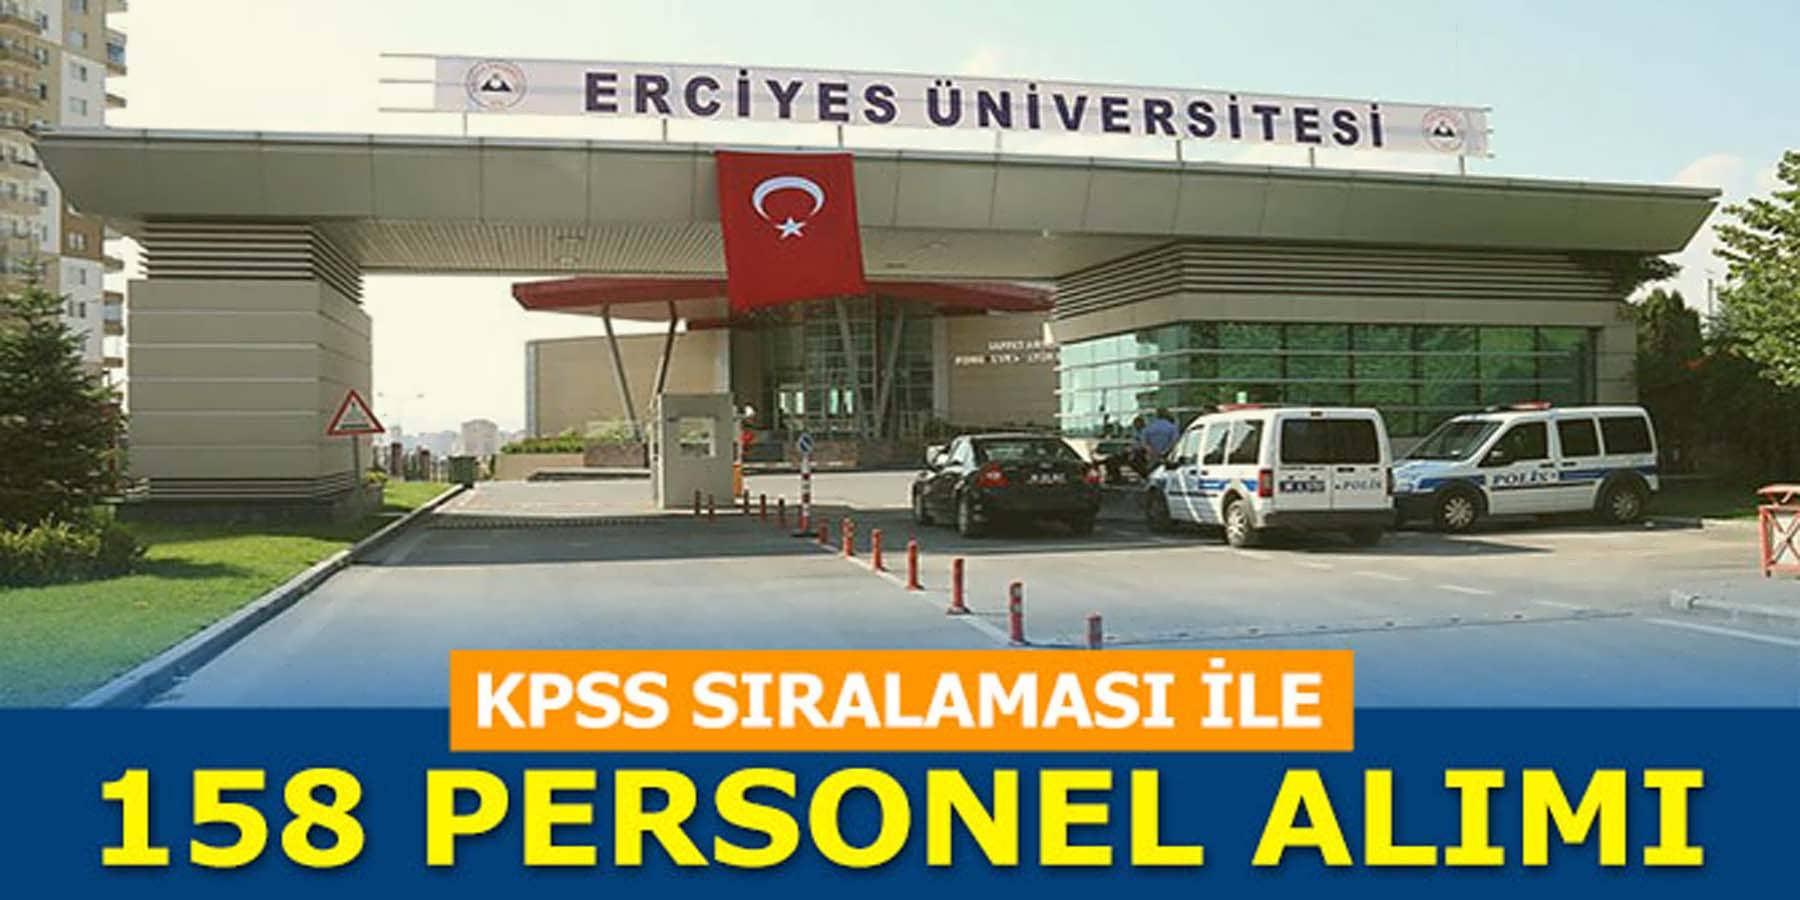 Erciyes Üniversitesi 158 Sağlık Personeli Alımı